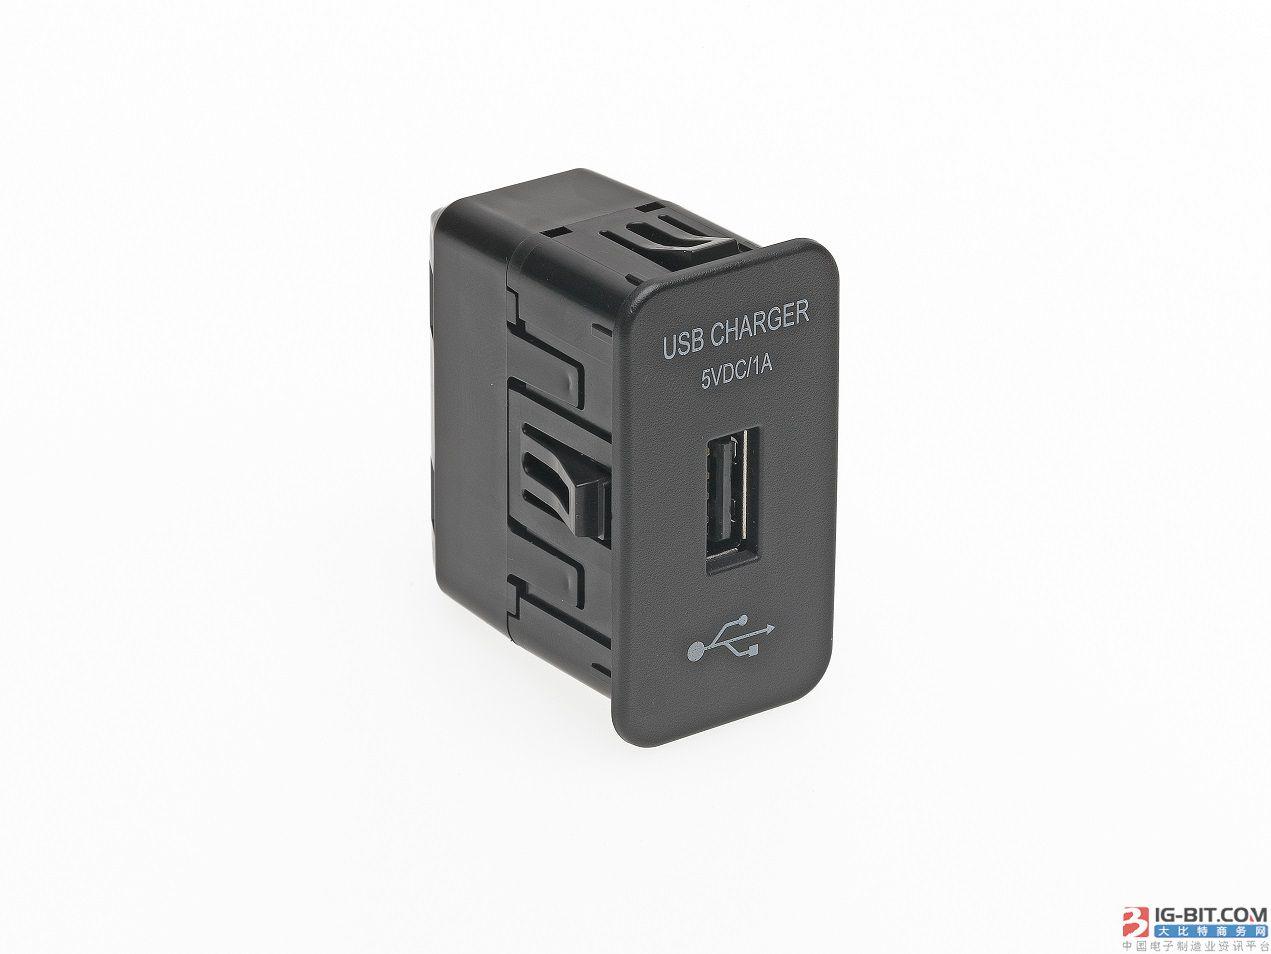 Molex 发布 USB 智能模块,提升车内连接功能